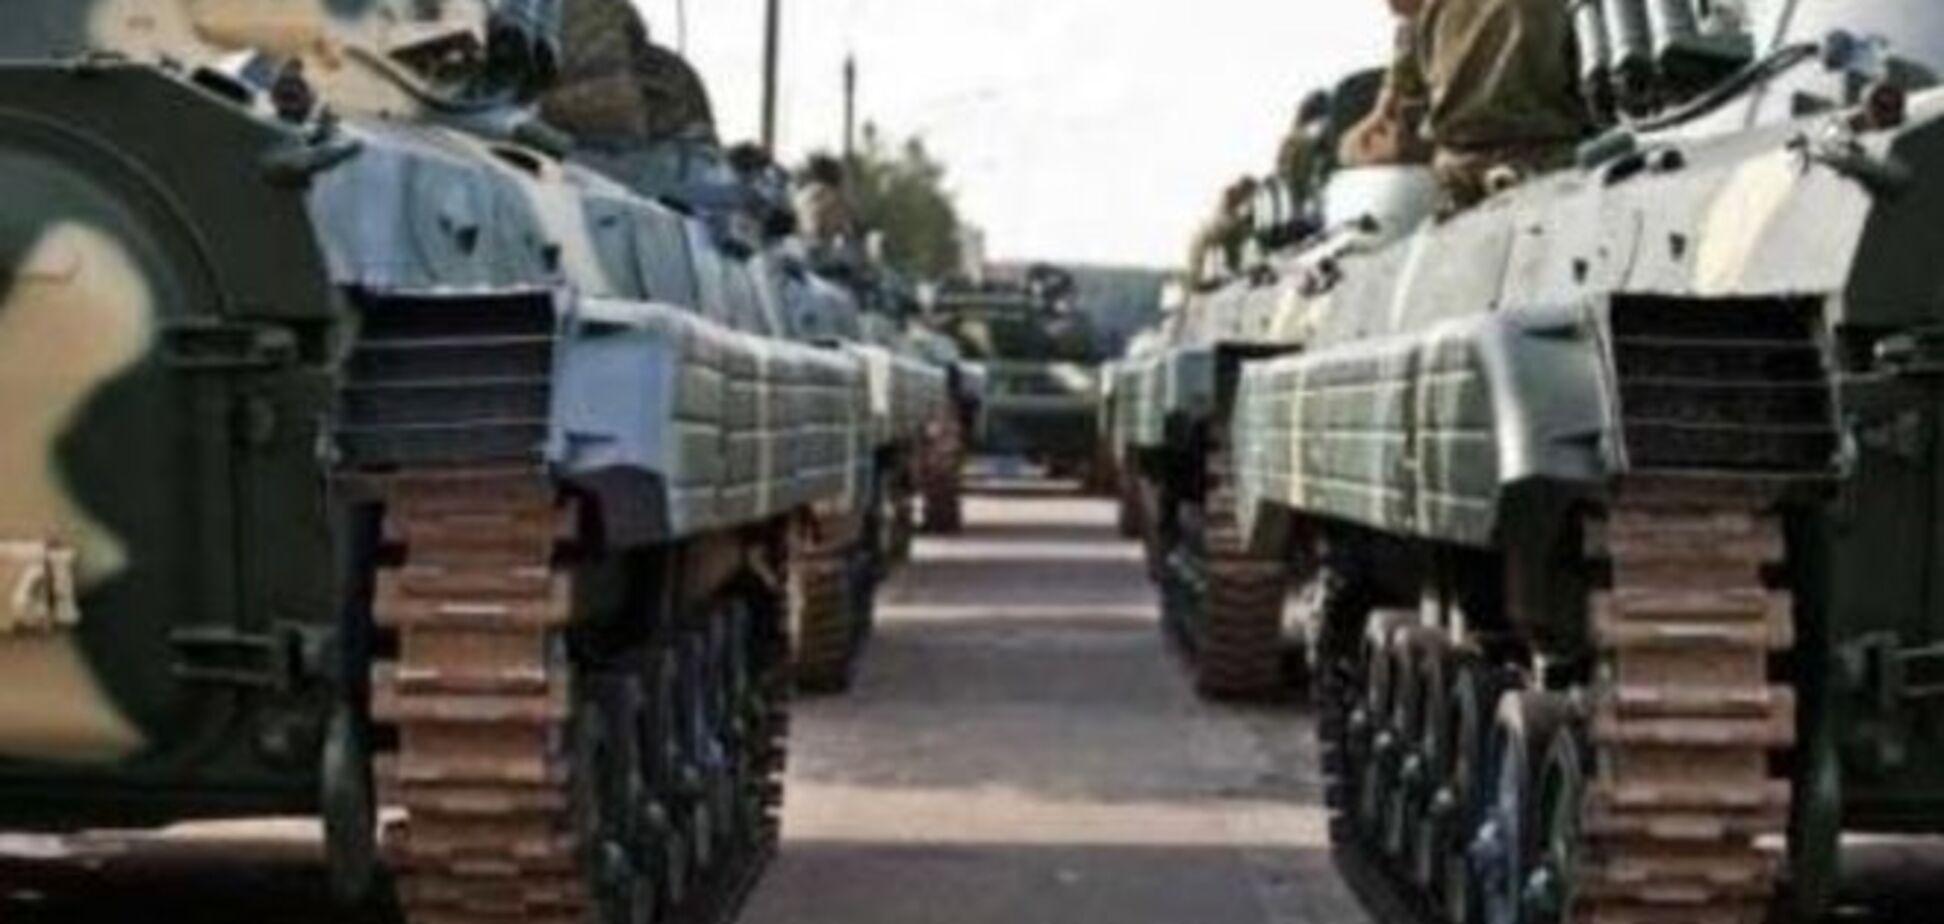 У Европы, США и НАТО есть план, как остановить Путина - генерал Гречанинов